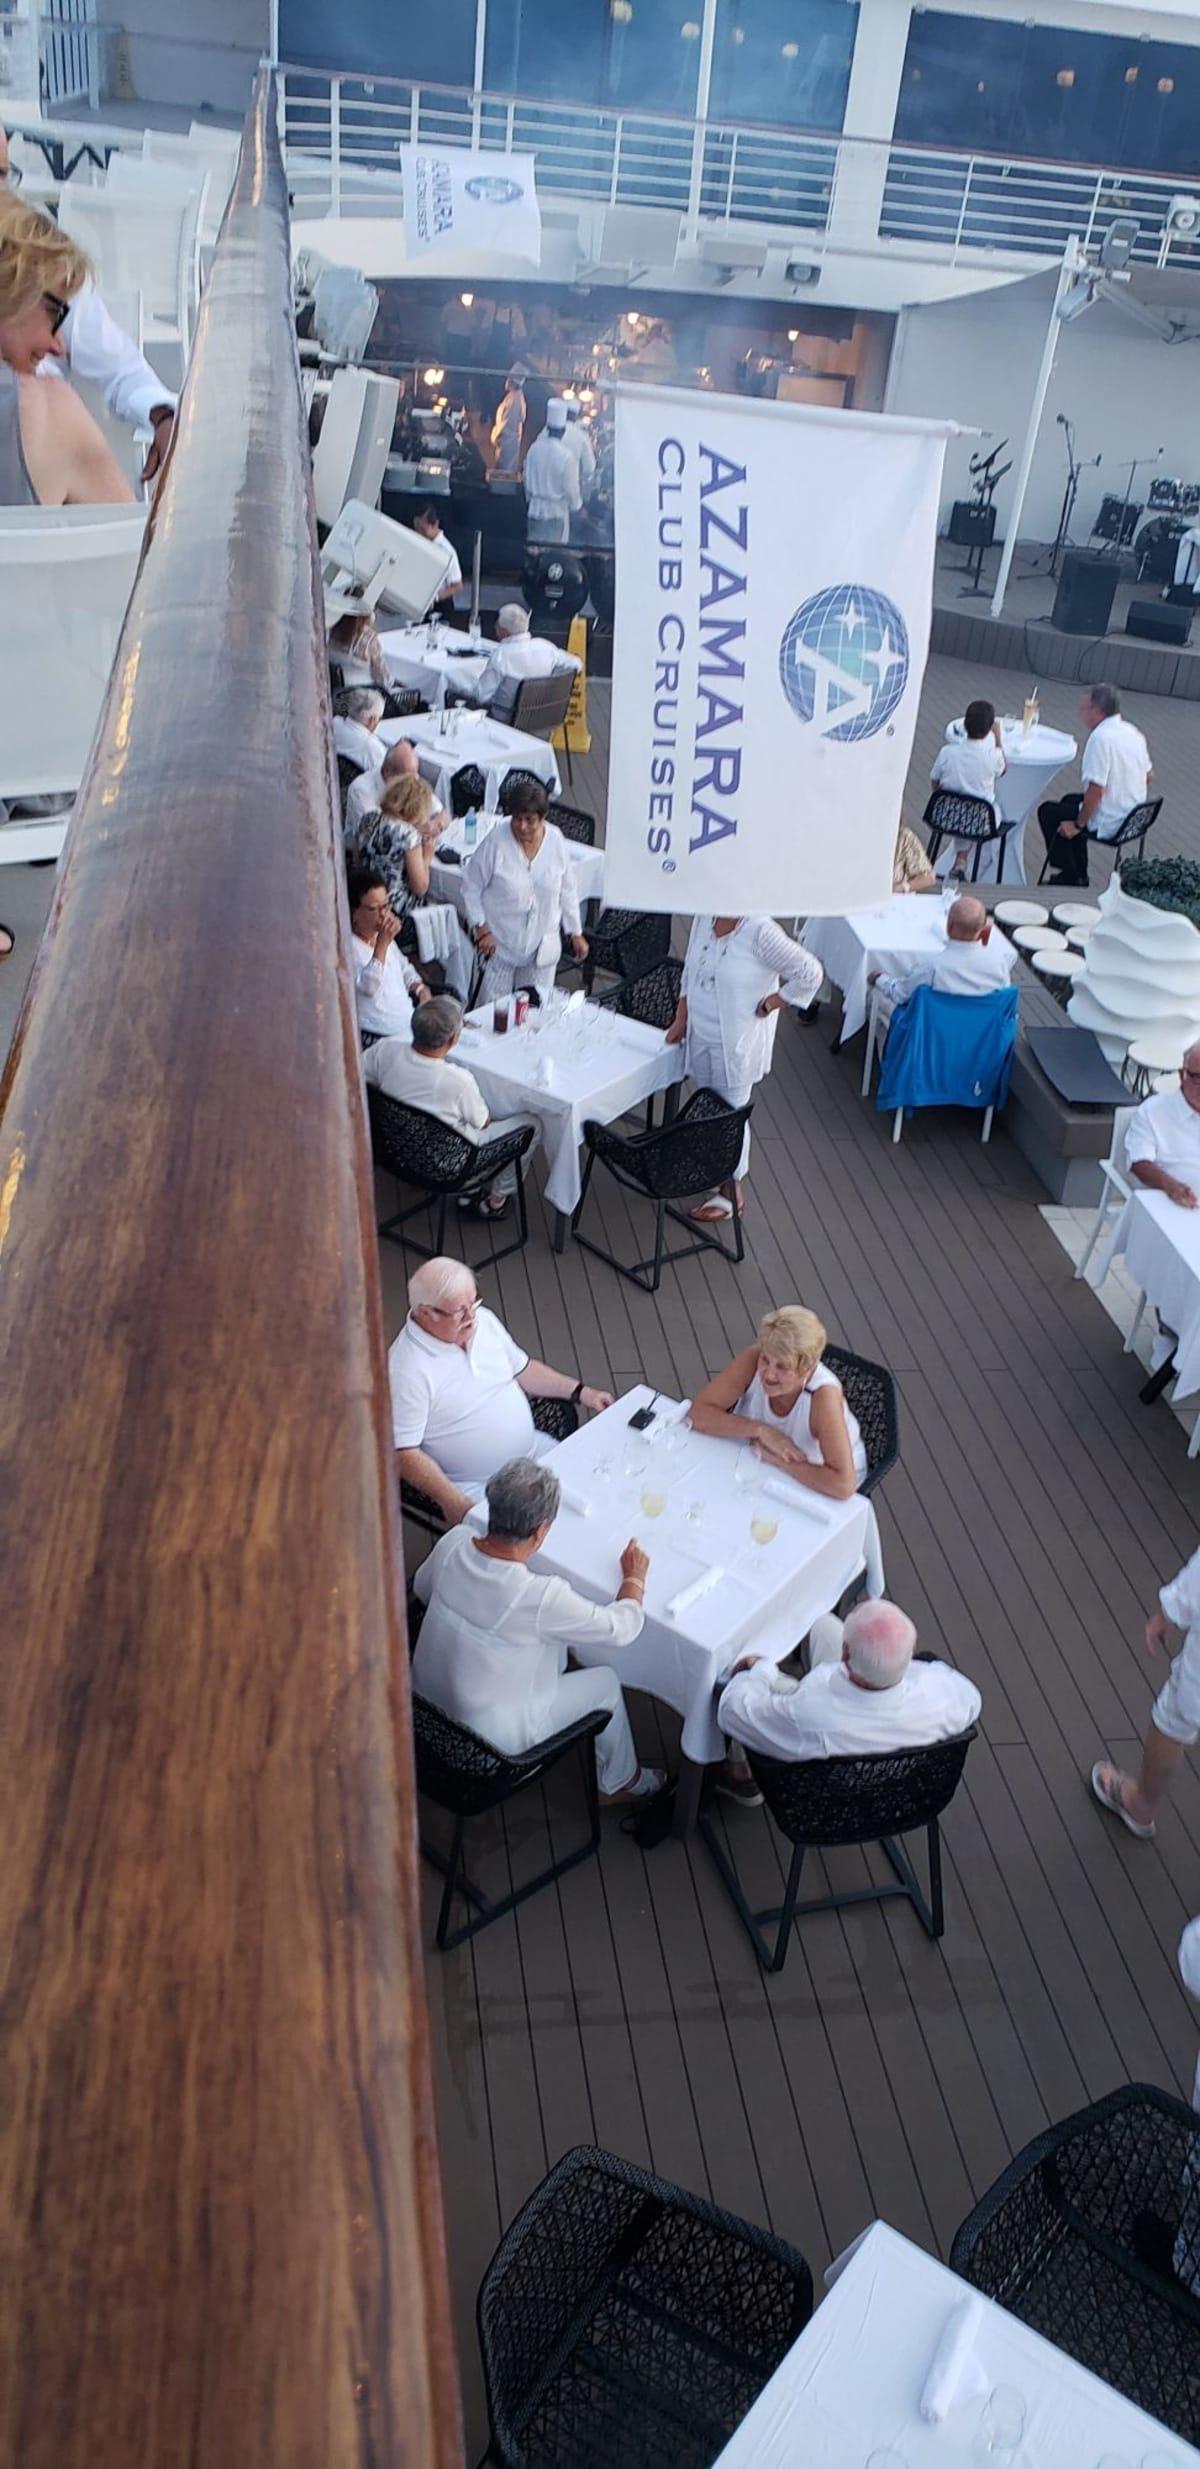 テーブルもゲストも全てがホワイト